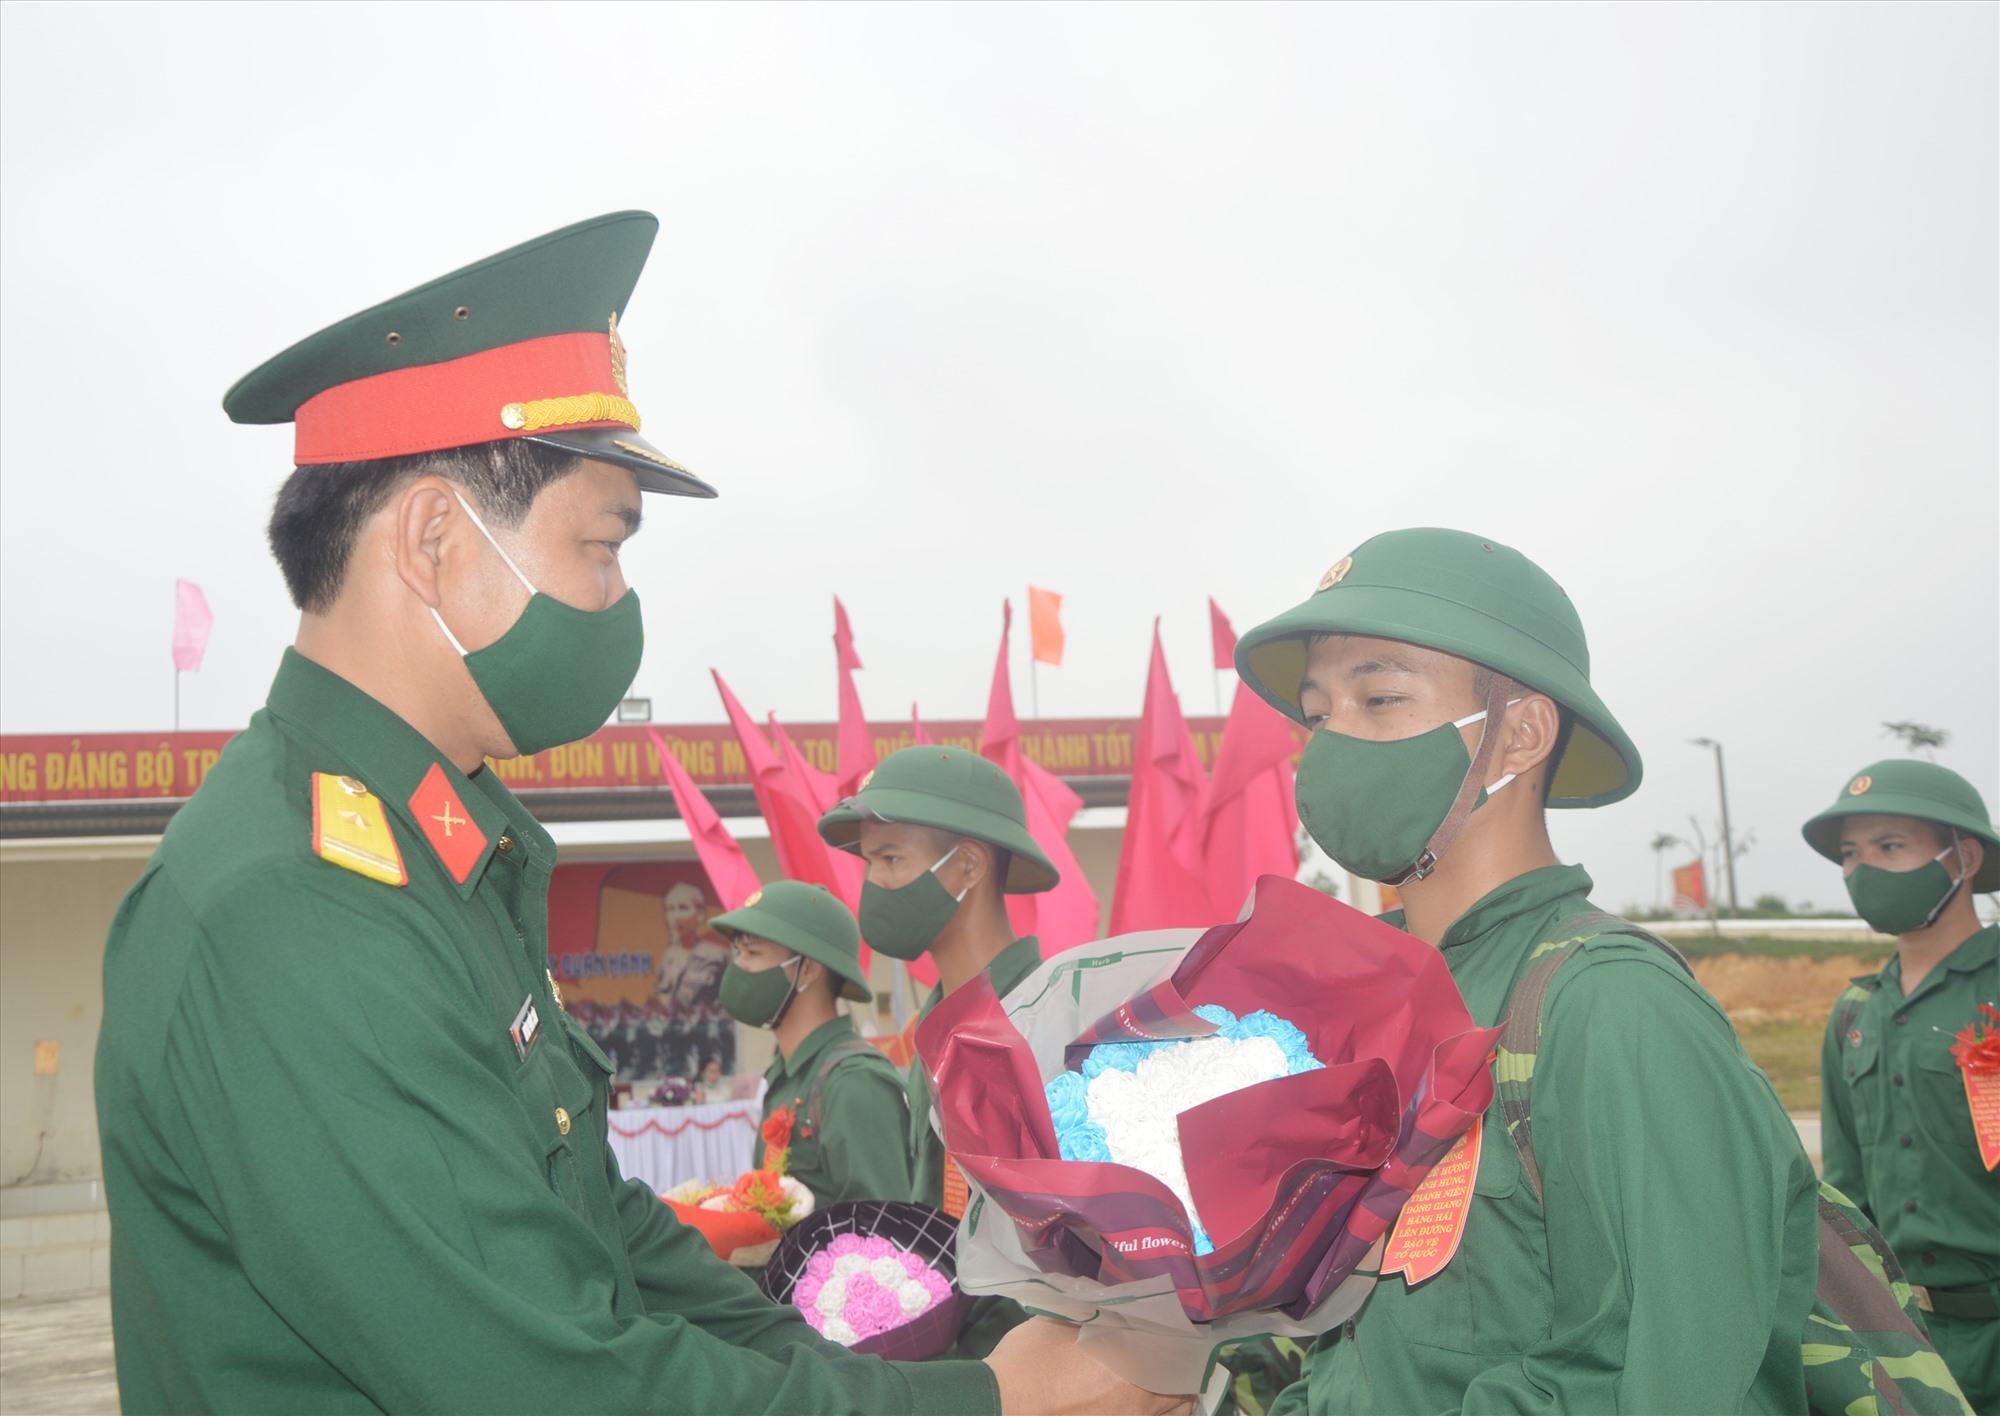 Lãnh đạo Trung đoàn 885 tặng hoa chúc mừng tân binh. Ảnh: T.A